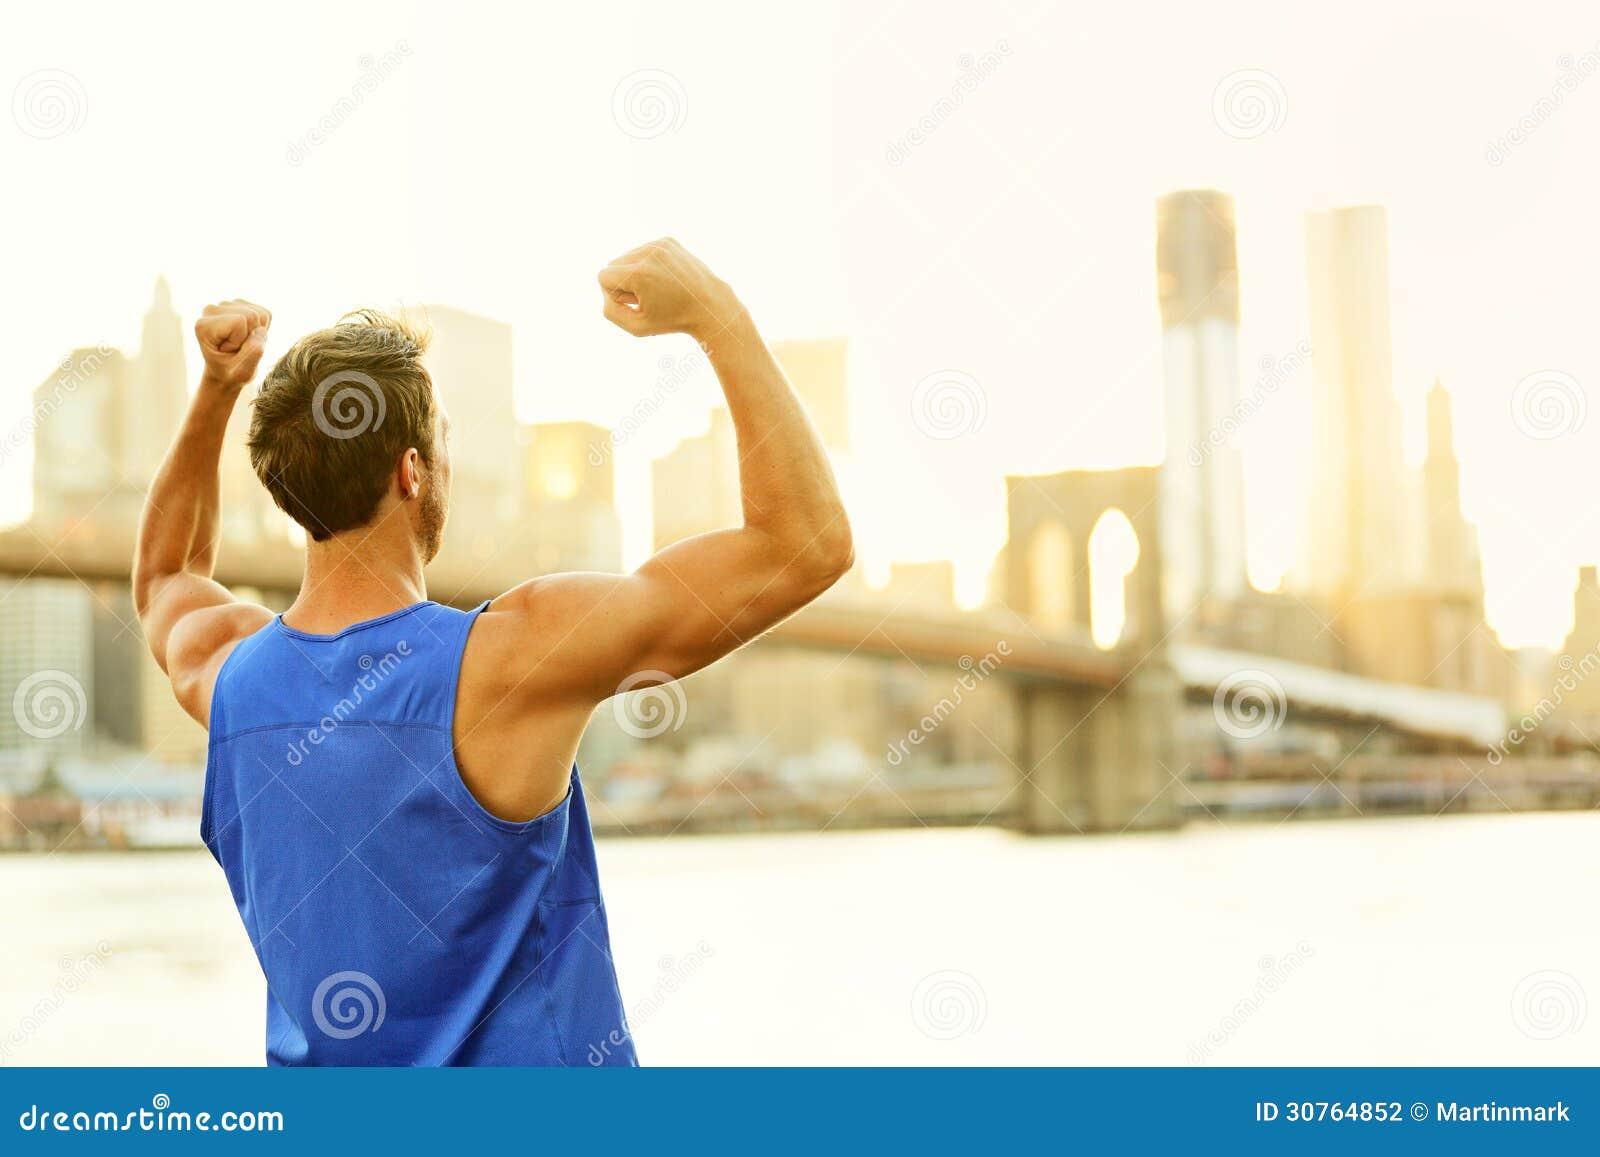 Κερδίζοντας ενθαρρυντικό άτομο ικανότητας επιτυχίας στη Νέα Υόρκη